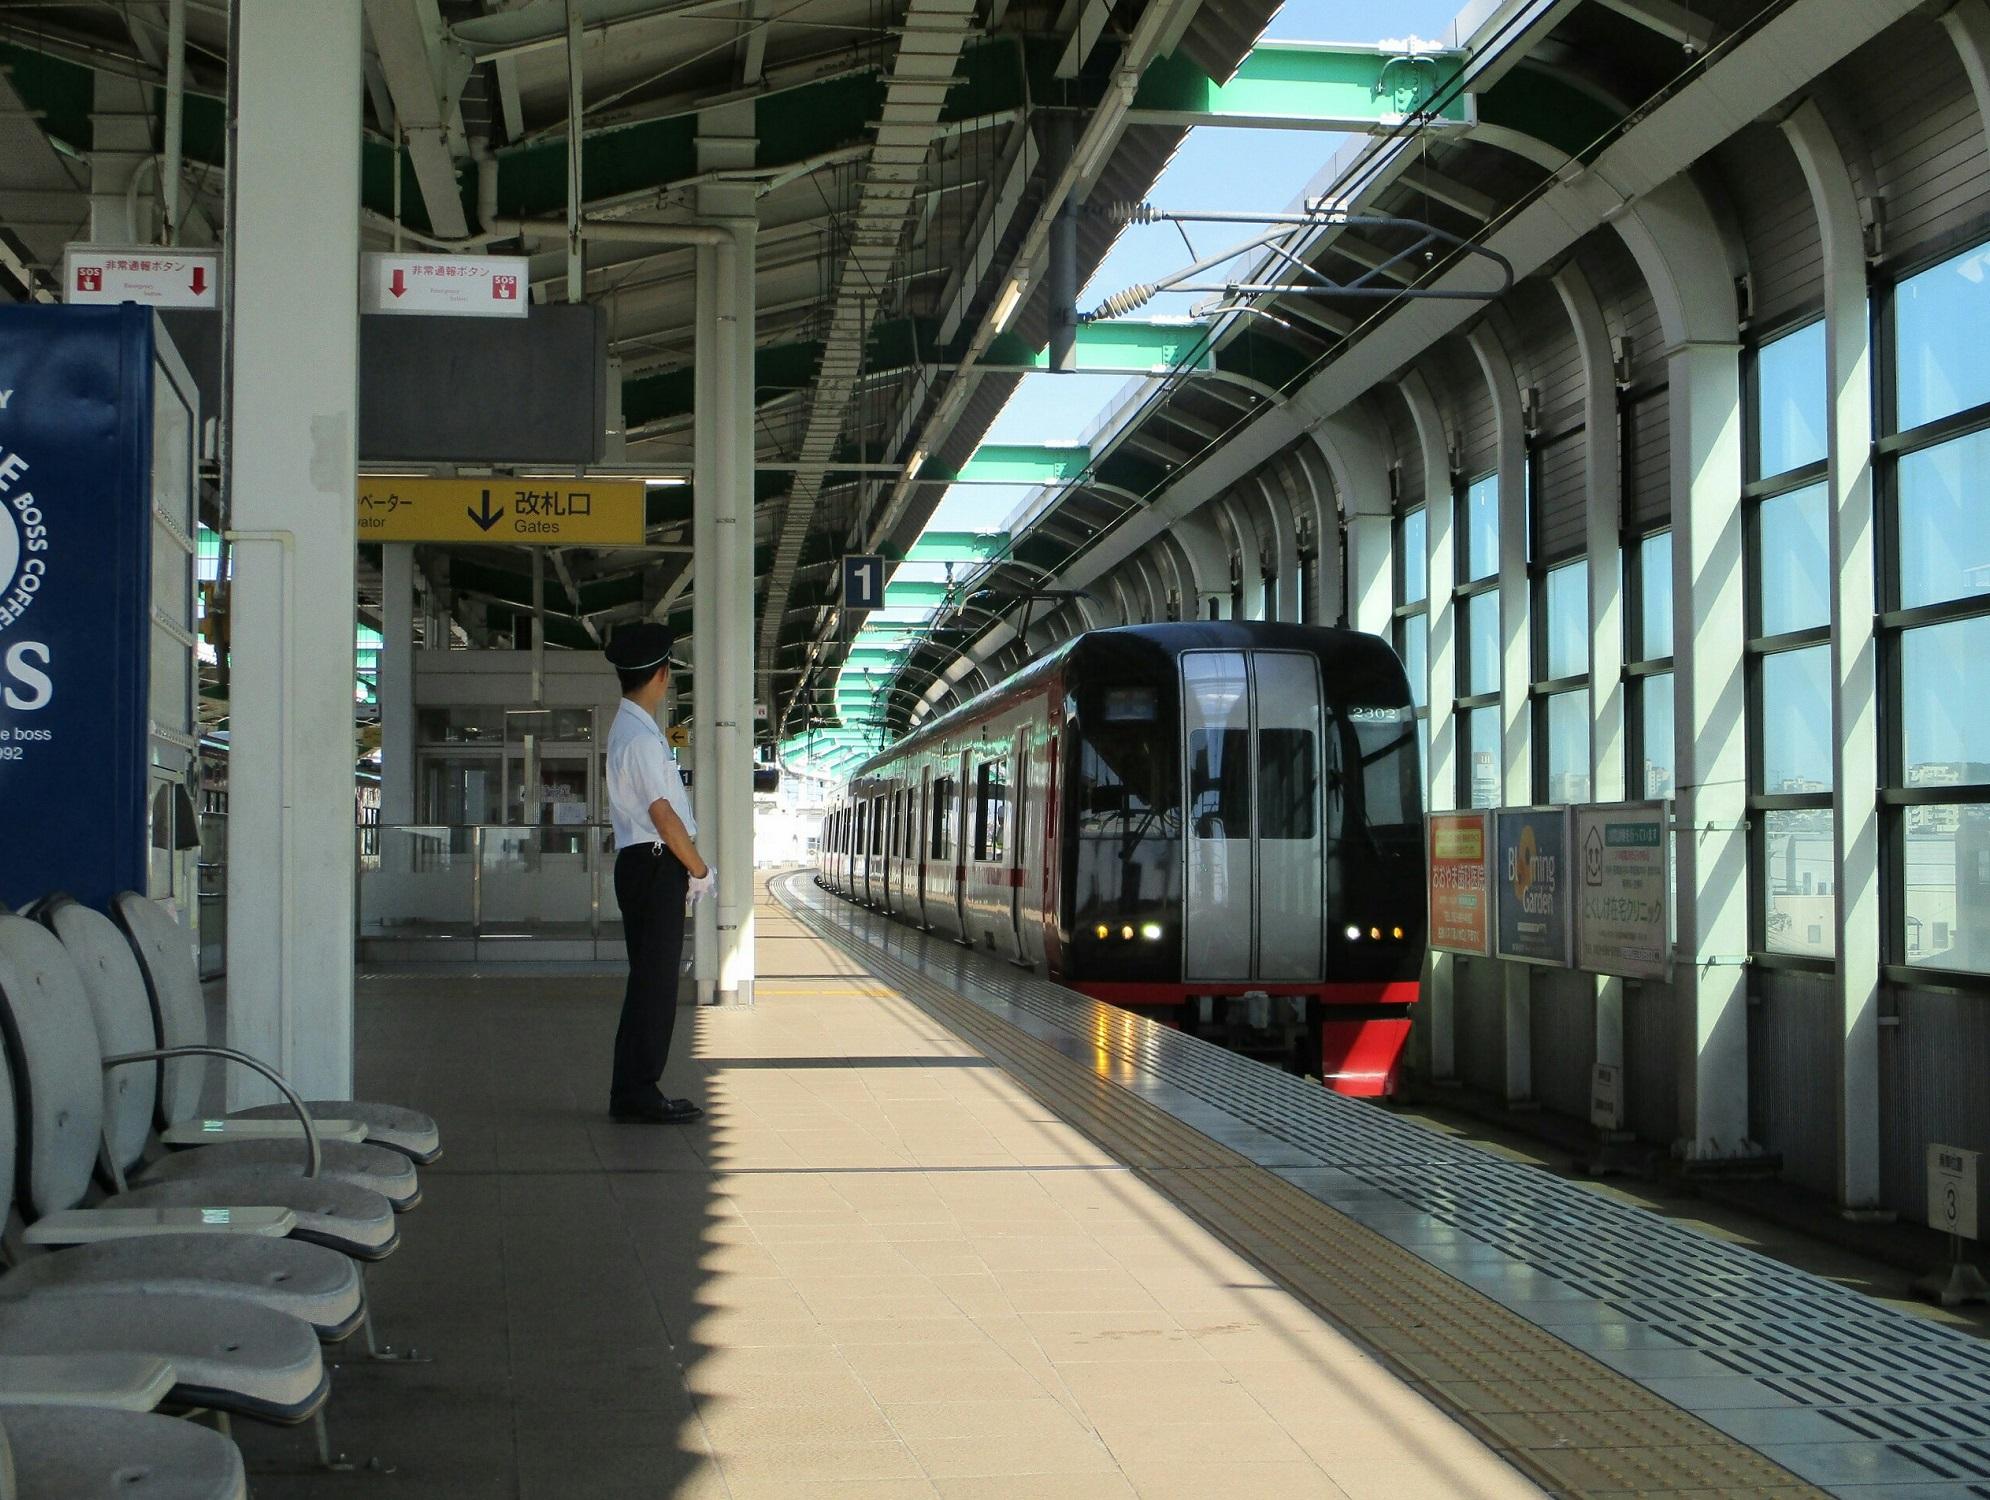 2018.7.21 (23) 鳴海 - 岐阜いき特急 1990-1500